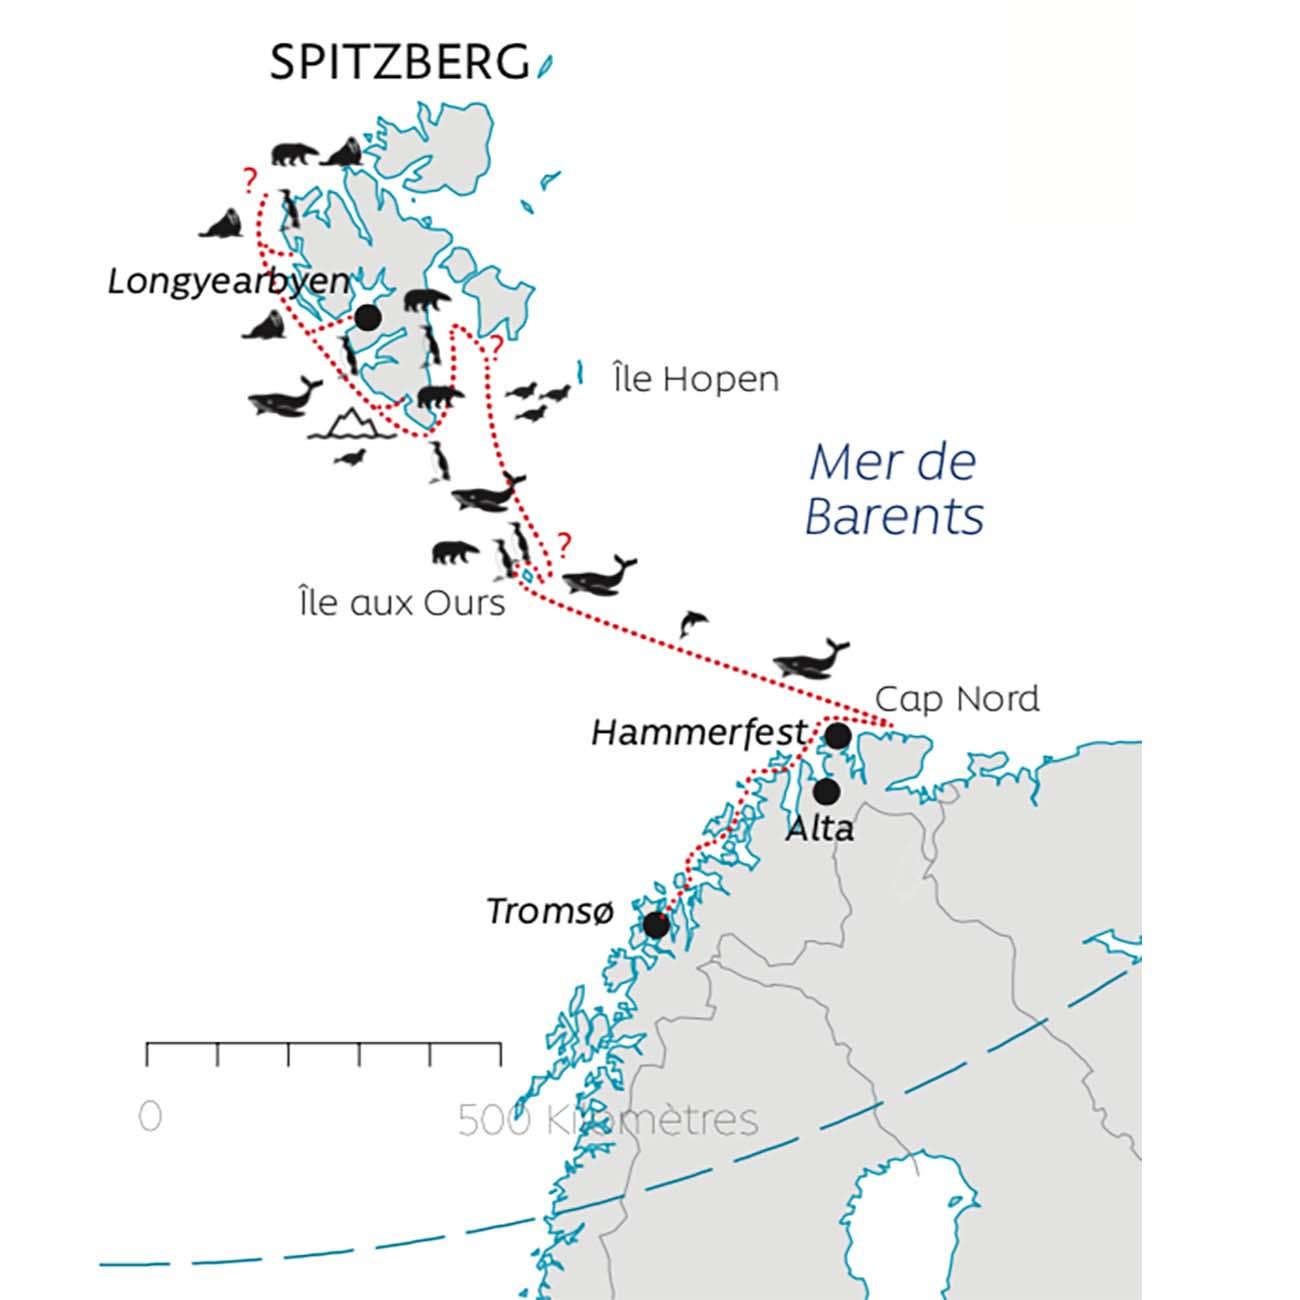 Carte itineraire Cap Nord et Spitzberg